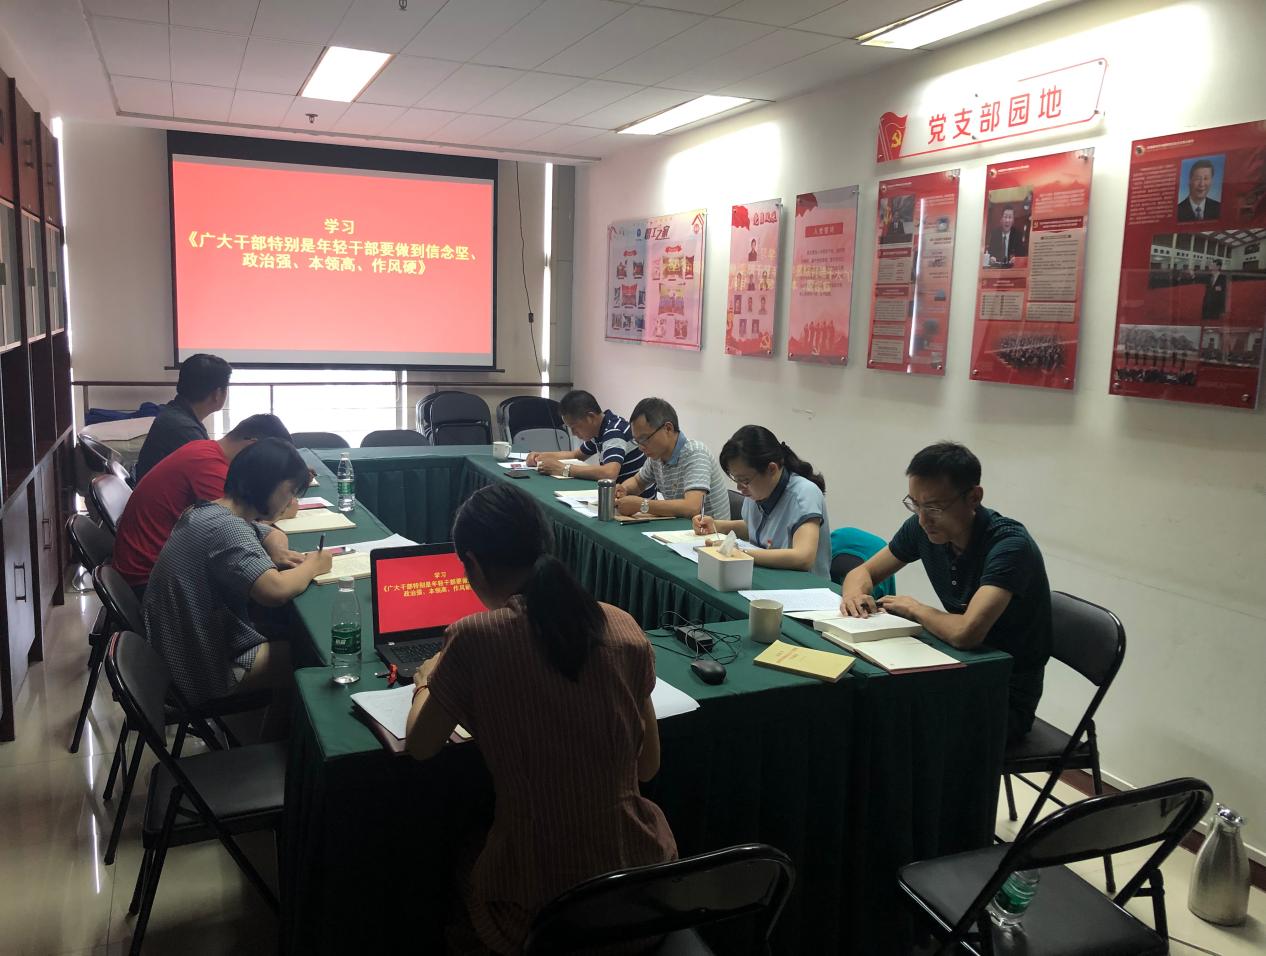 """苏体实业党支部组织开展 """"初心是什么、使命干什么、奋斗比什么"""" 专题讨论"""